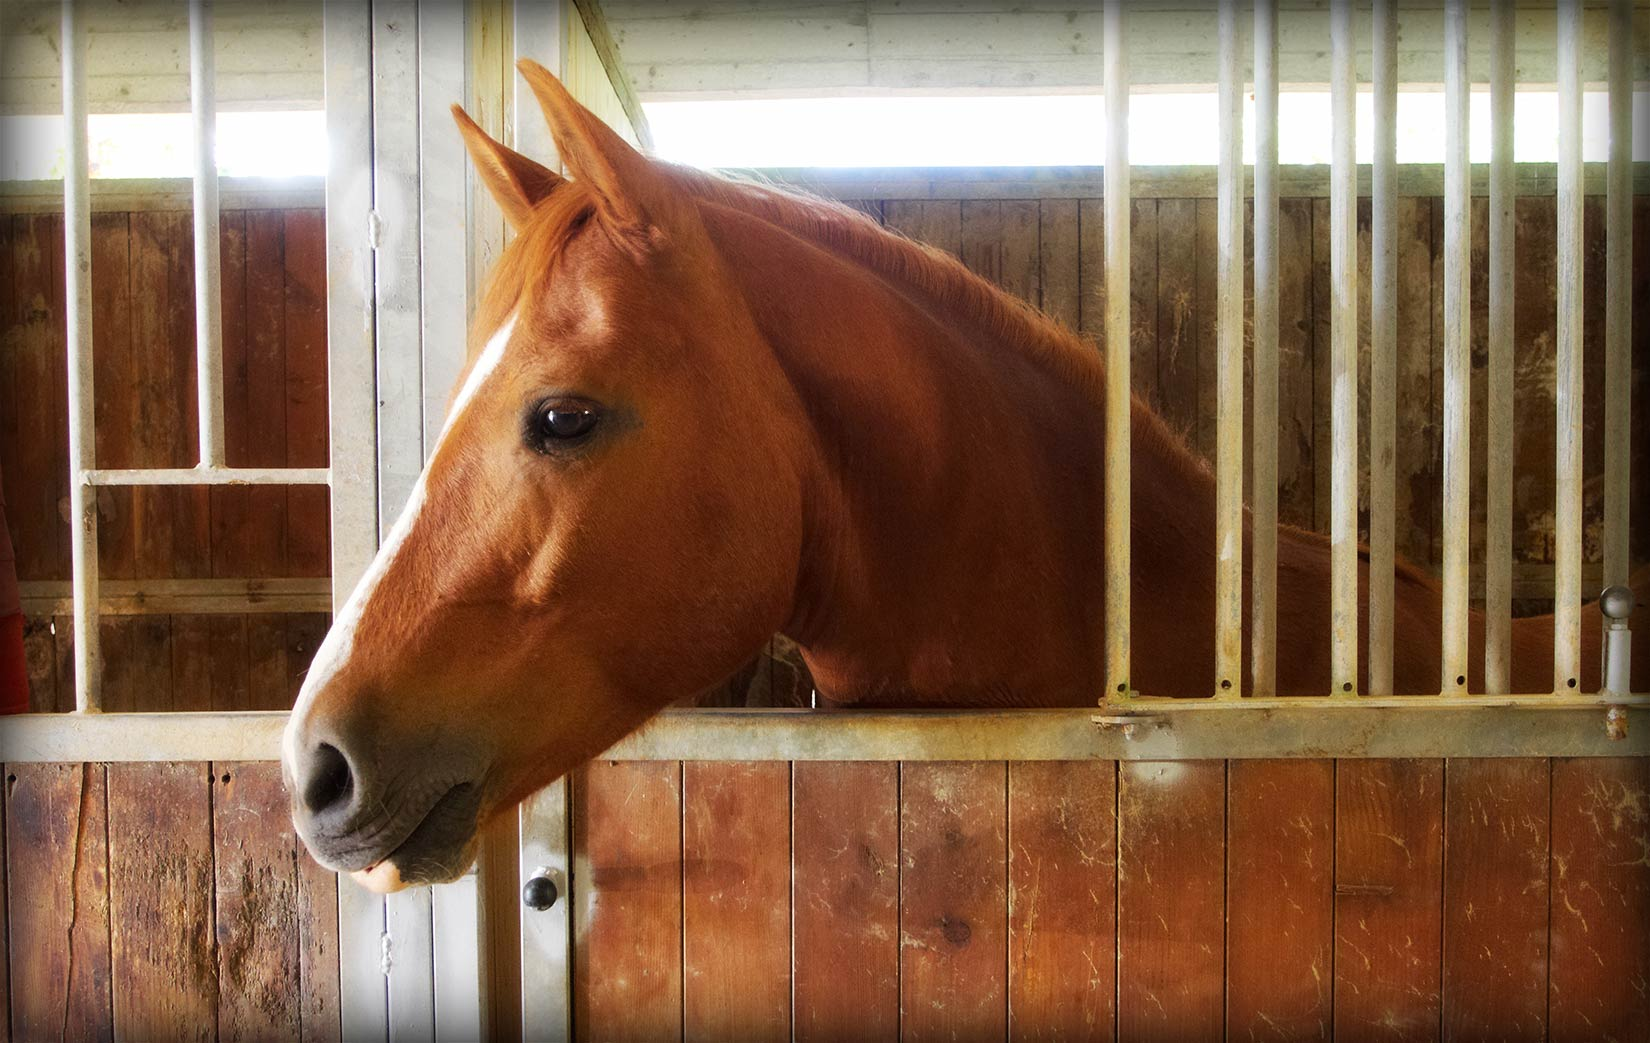 L'allevamento in box e i problemi comportamentali del cavallo